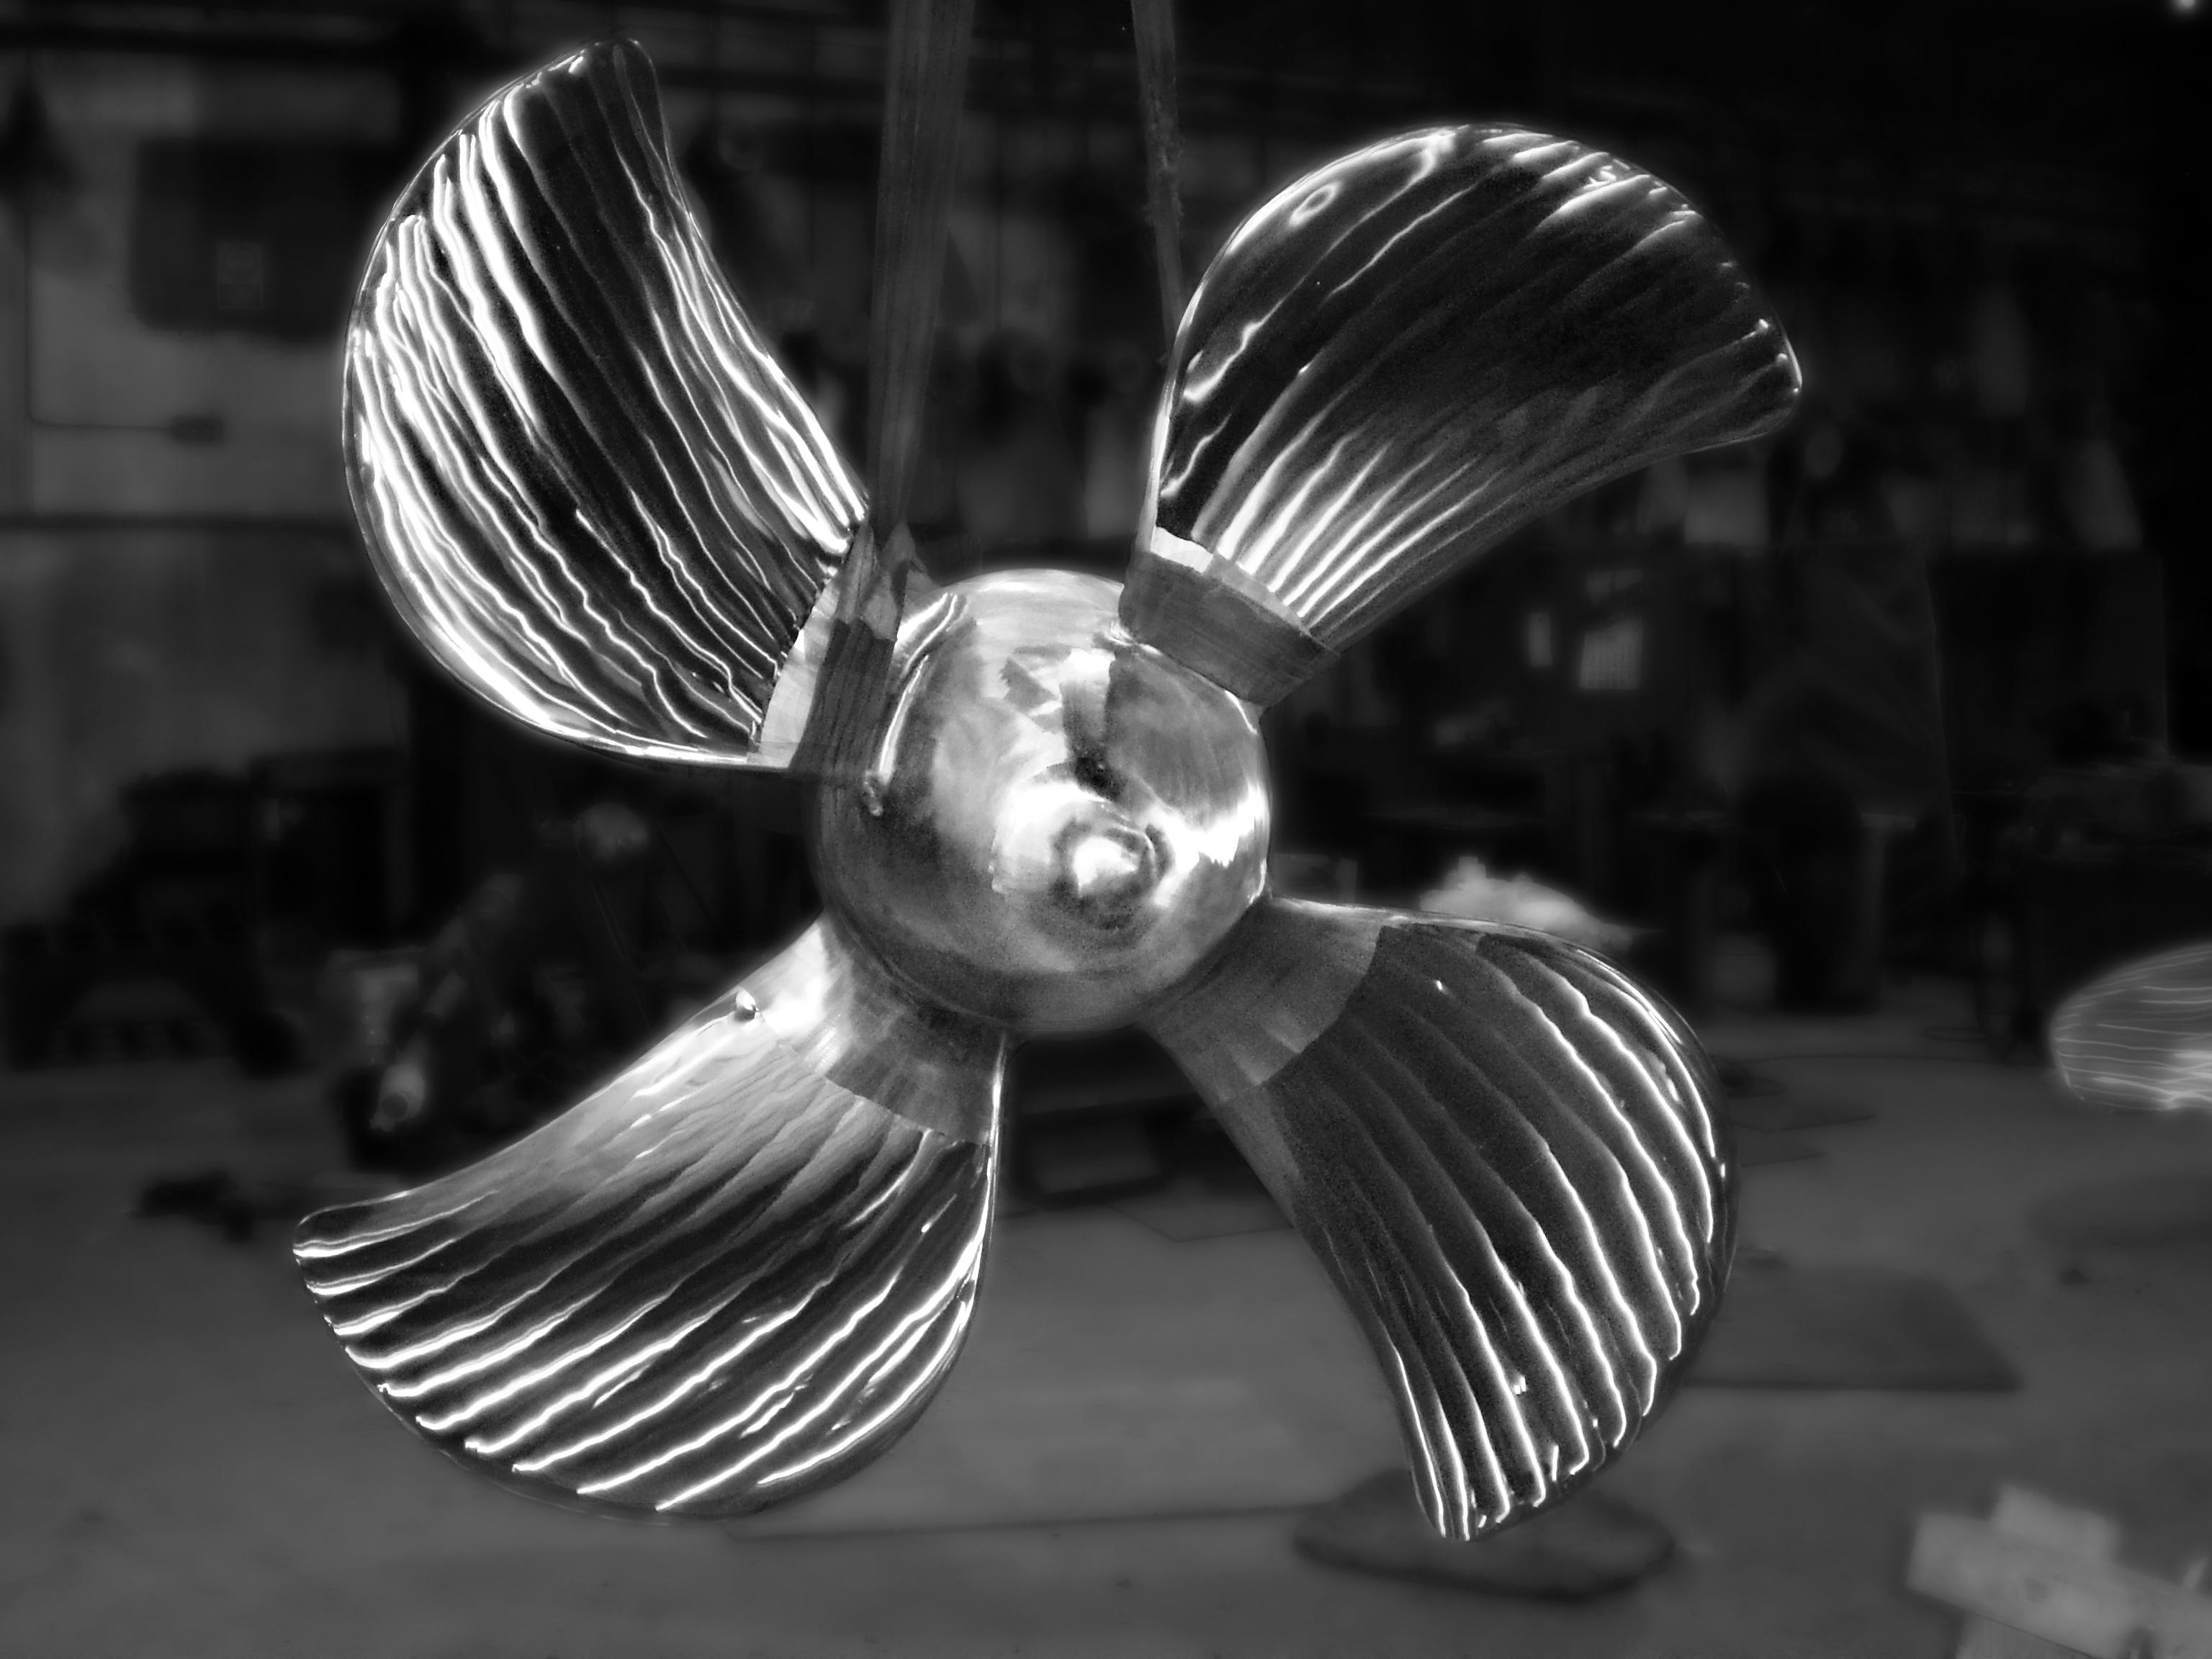 Estudios y proyectos de propulsión